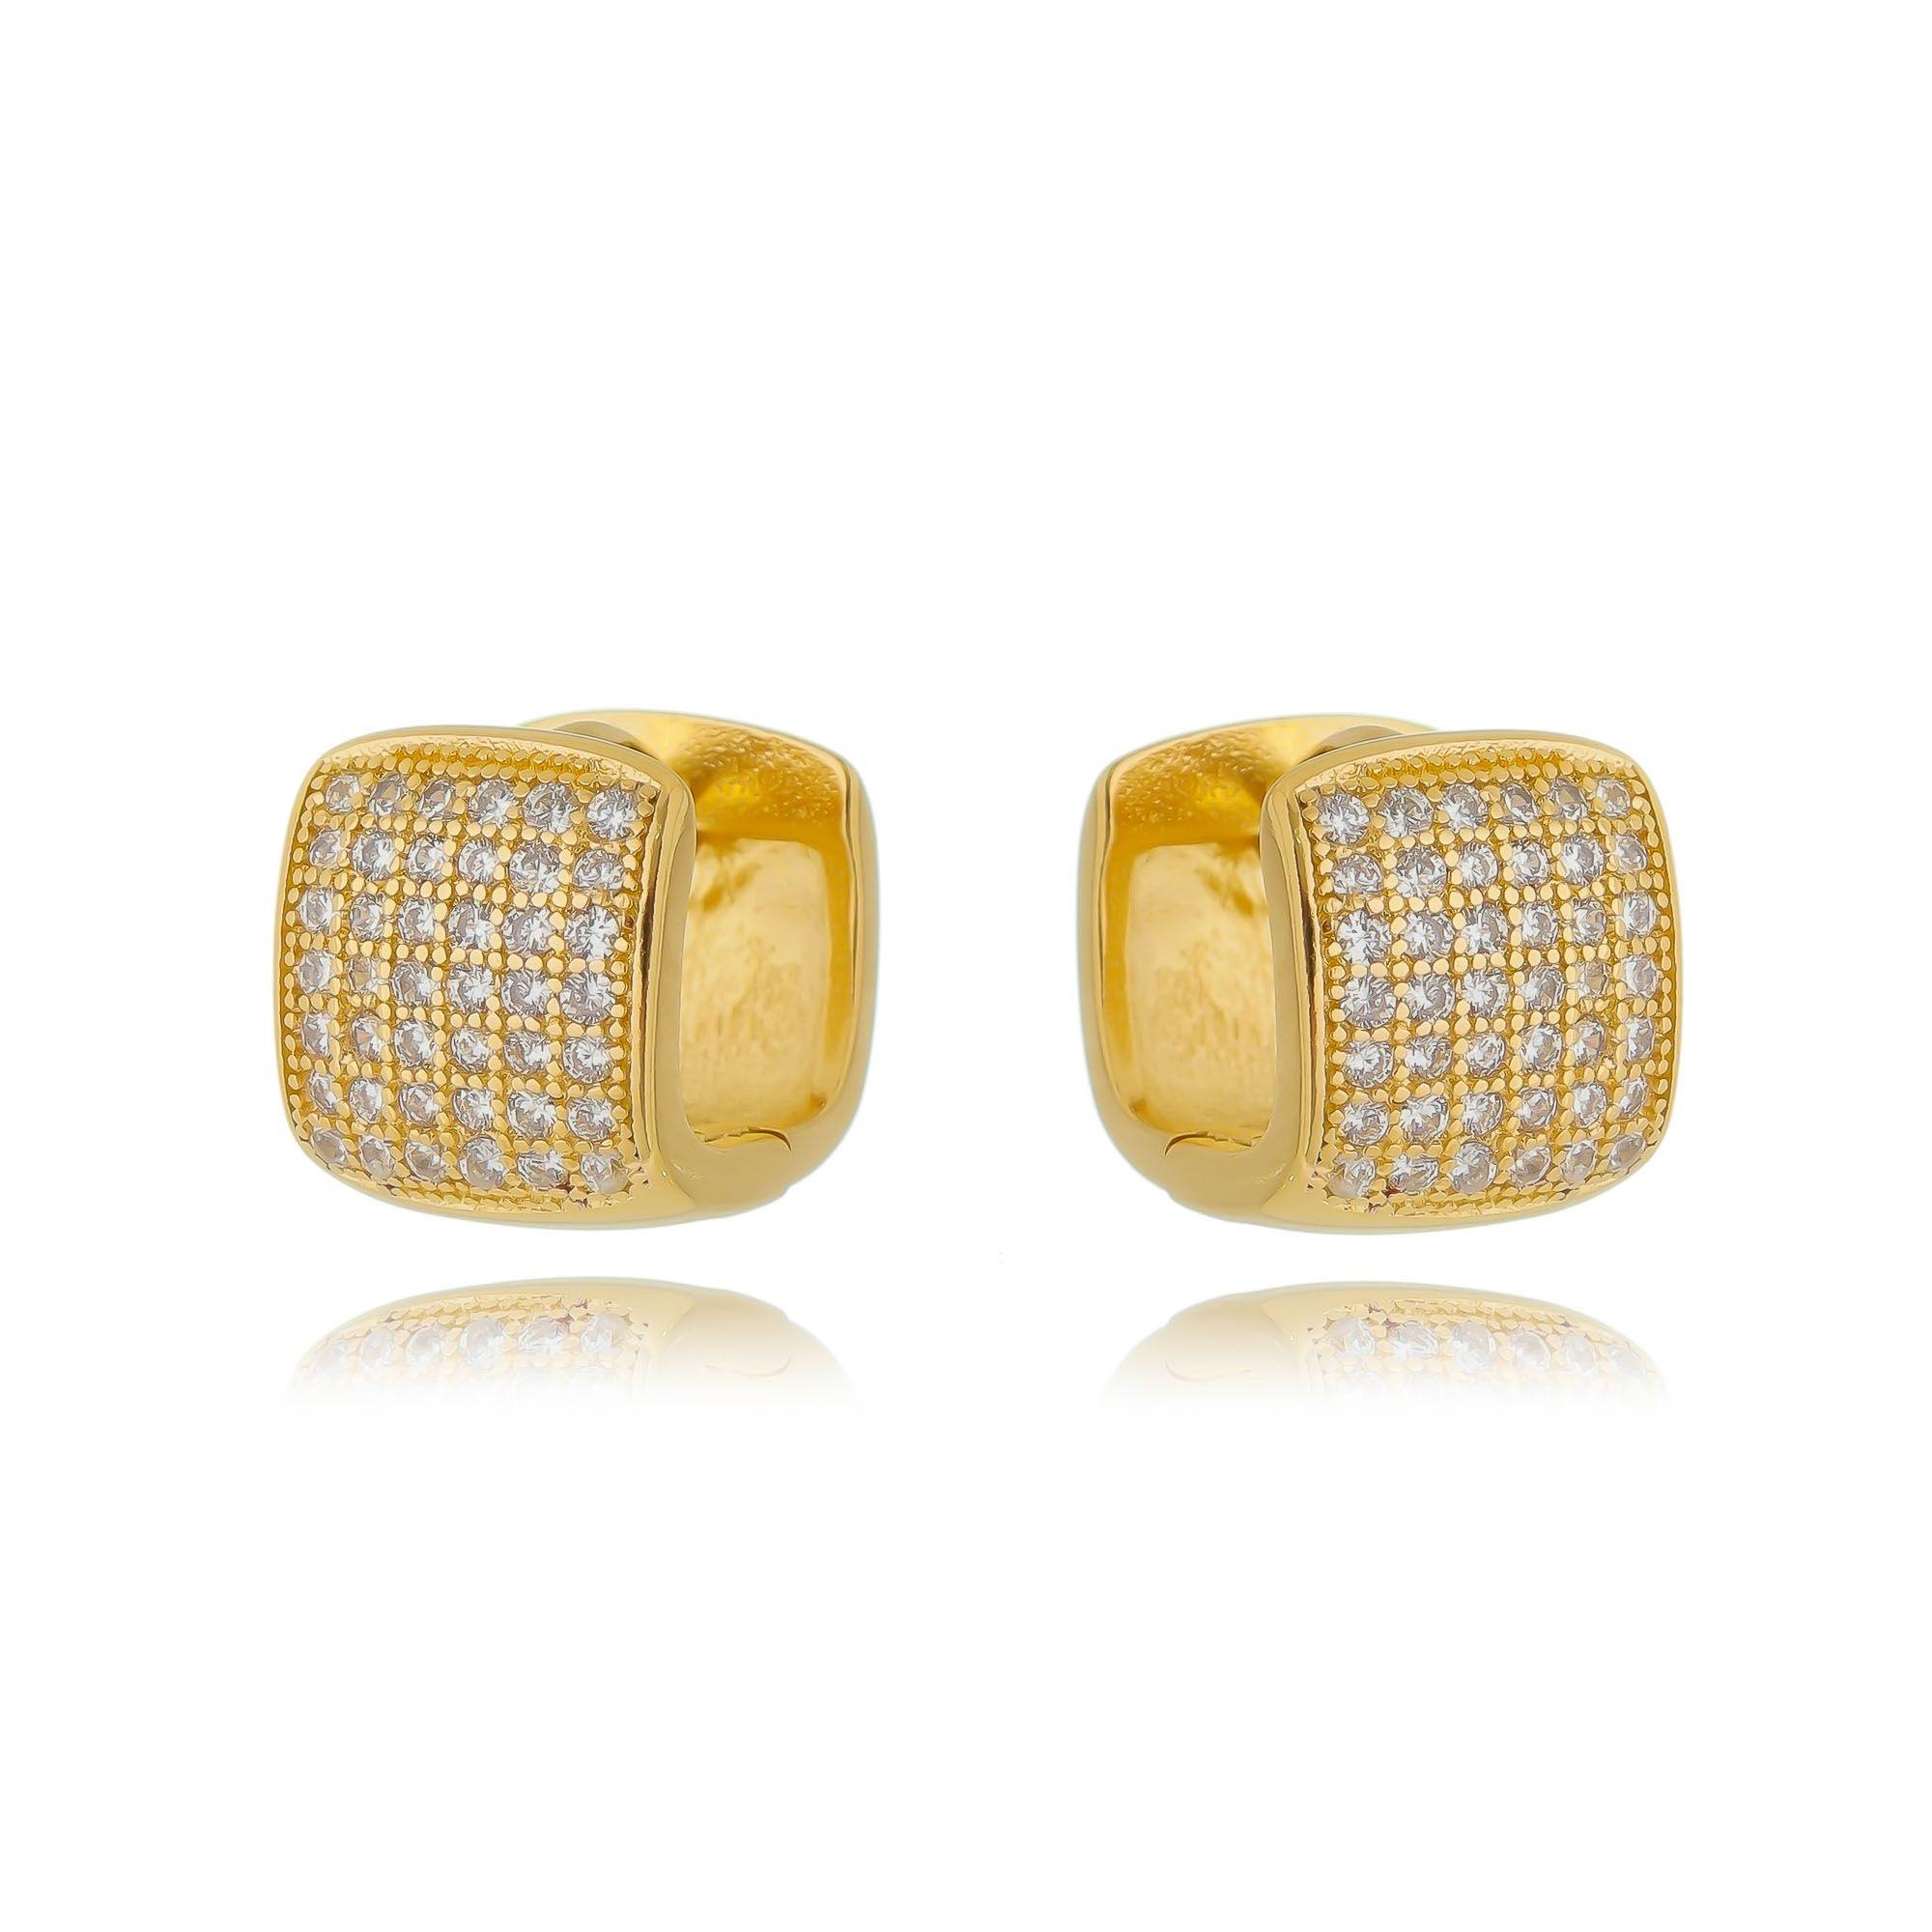 Argola Quadrada Pequena Dourada Zircônia Semijoia Ouro  - Soloyou